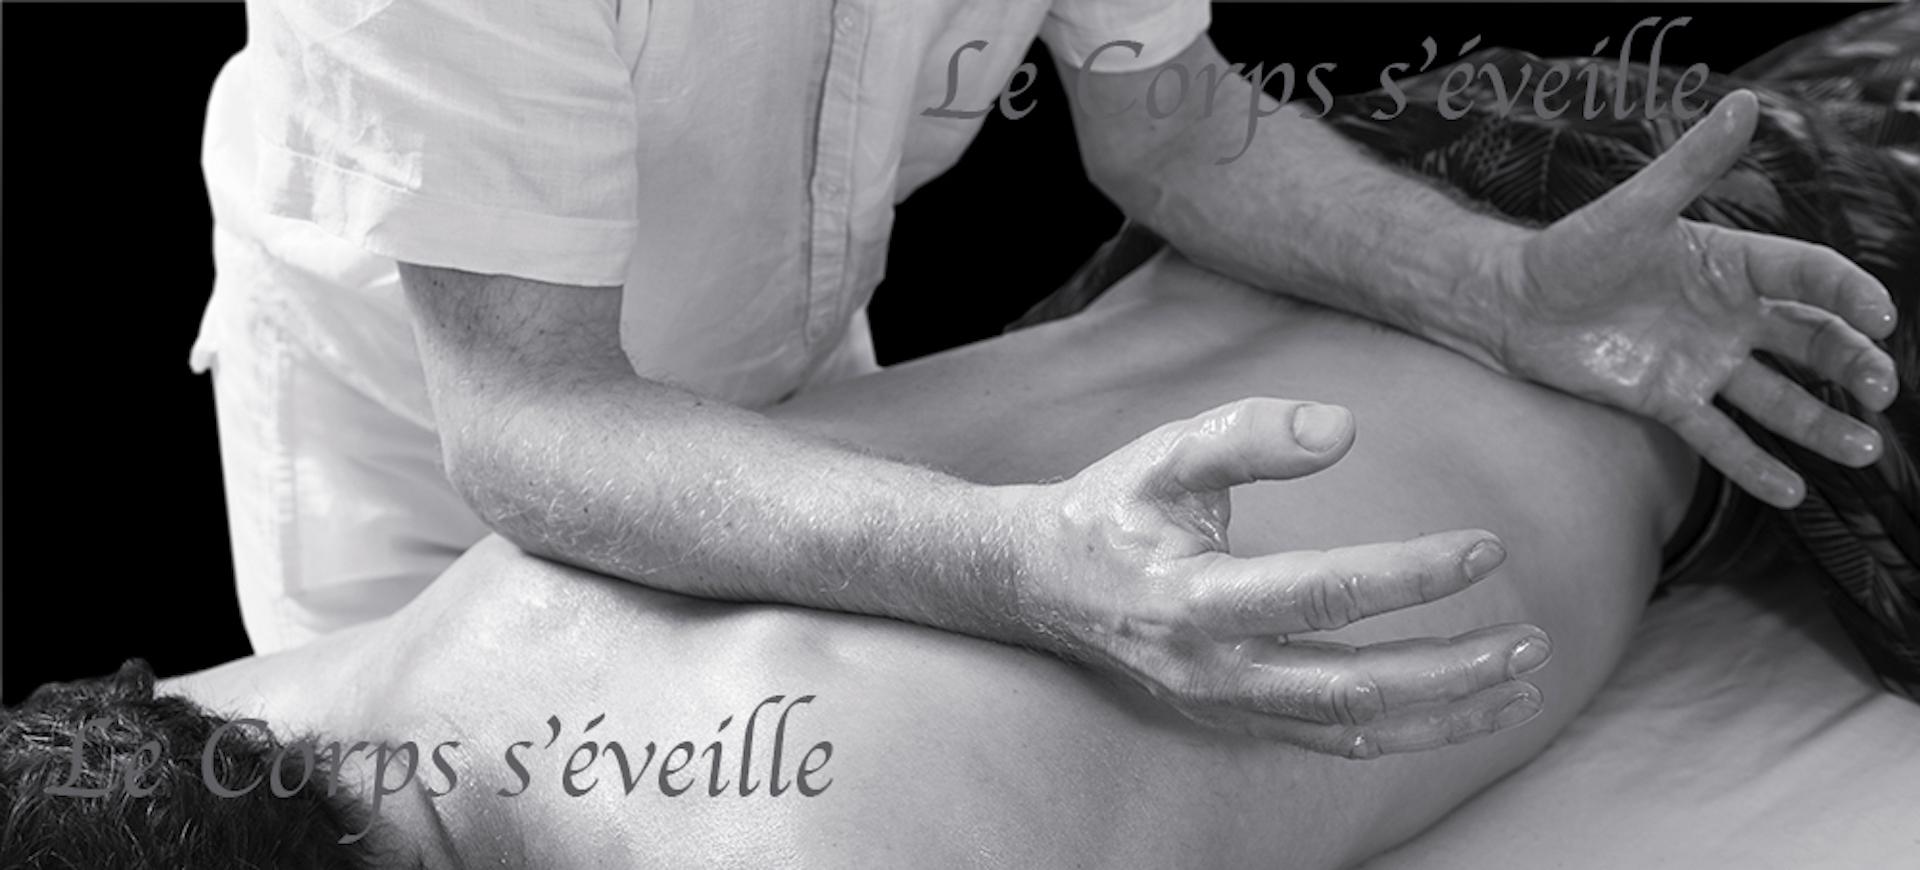 Au sud de Pau, le Centre de bien-être Le Corps S'éveille est labellisé France Massage®.